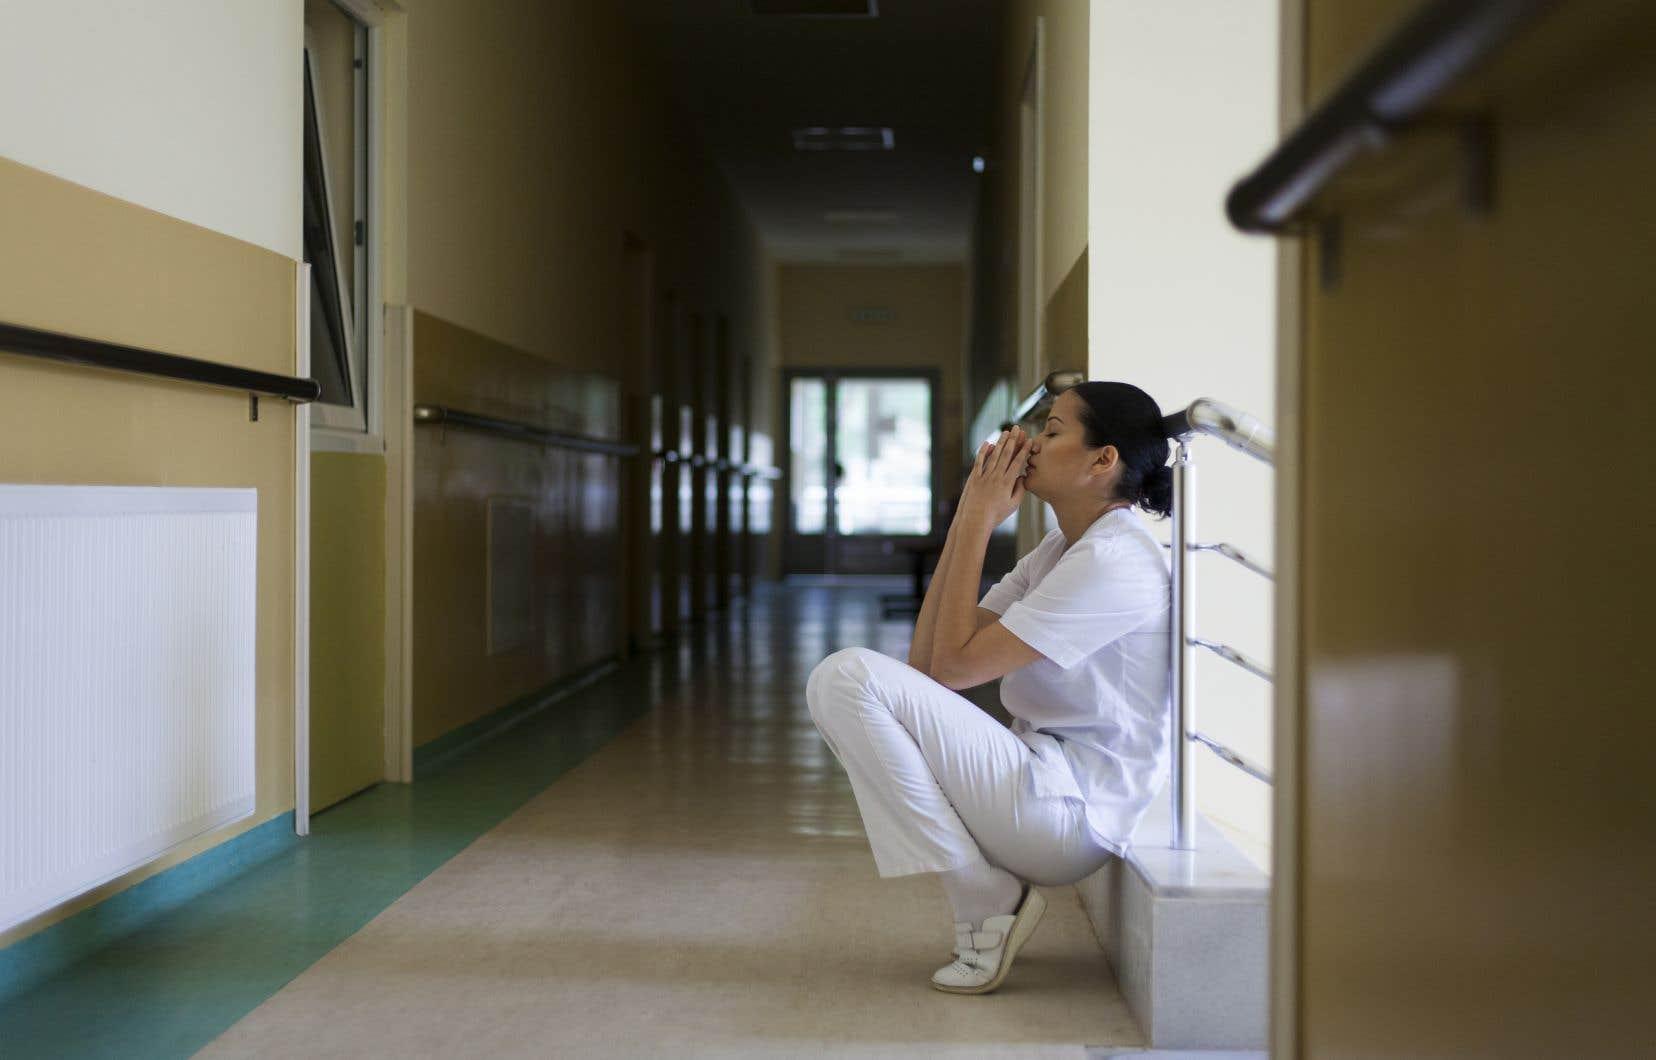 L'infirmière souffre de ne pas pouvoir être l'infirmière attendue au chevet des personnes malades et de ne pas pouvoir agir de manière compétente comme elle l'a appris dans ses formations professionnelles, estime l'auteur.